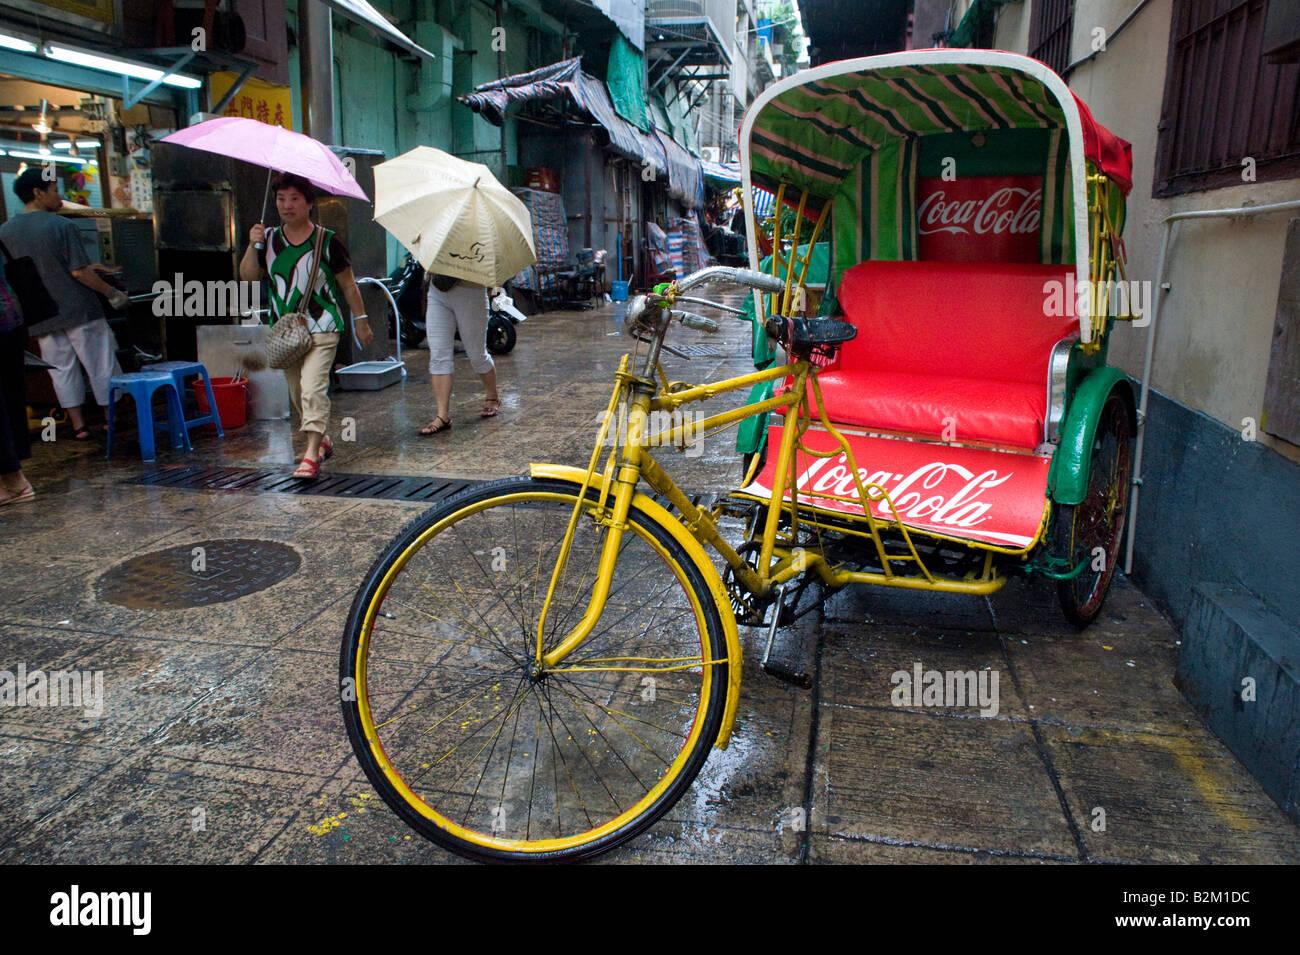 Tradizionale triciclo tricolo parcheggiato in strada a Macao Cina 2008 Immagini Stock